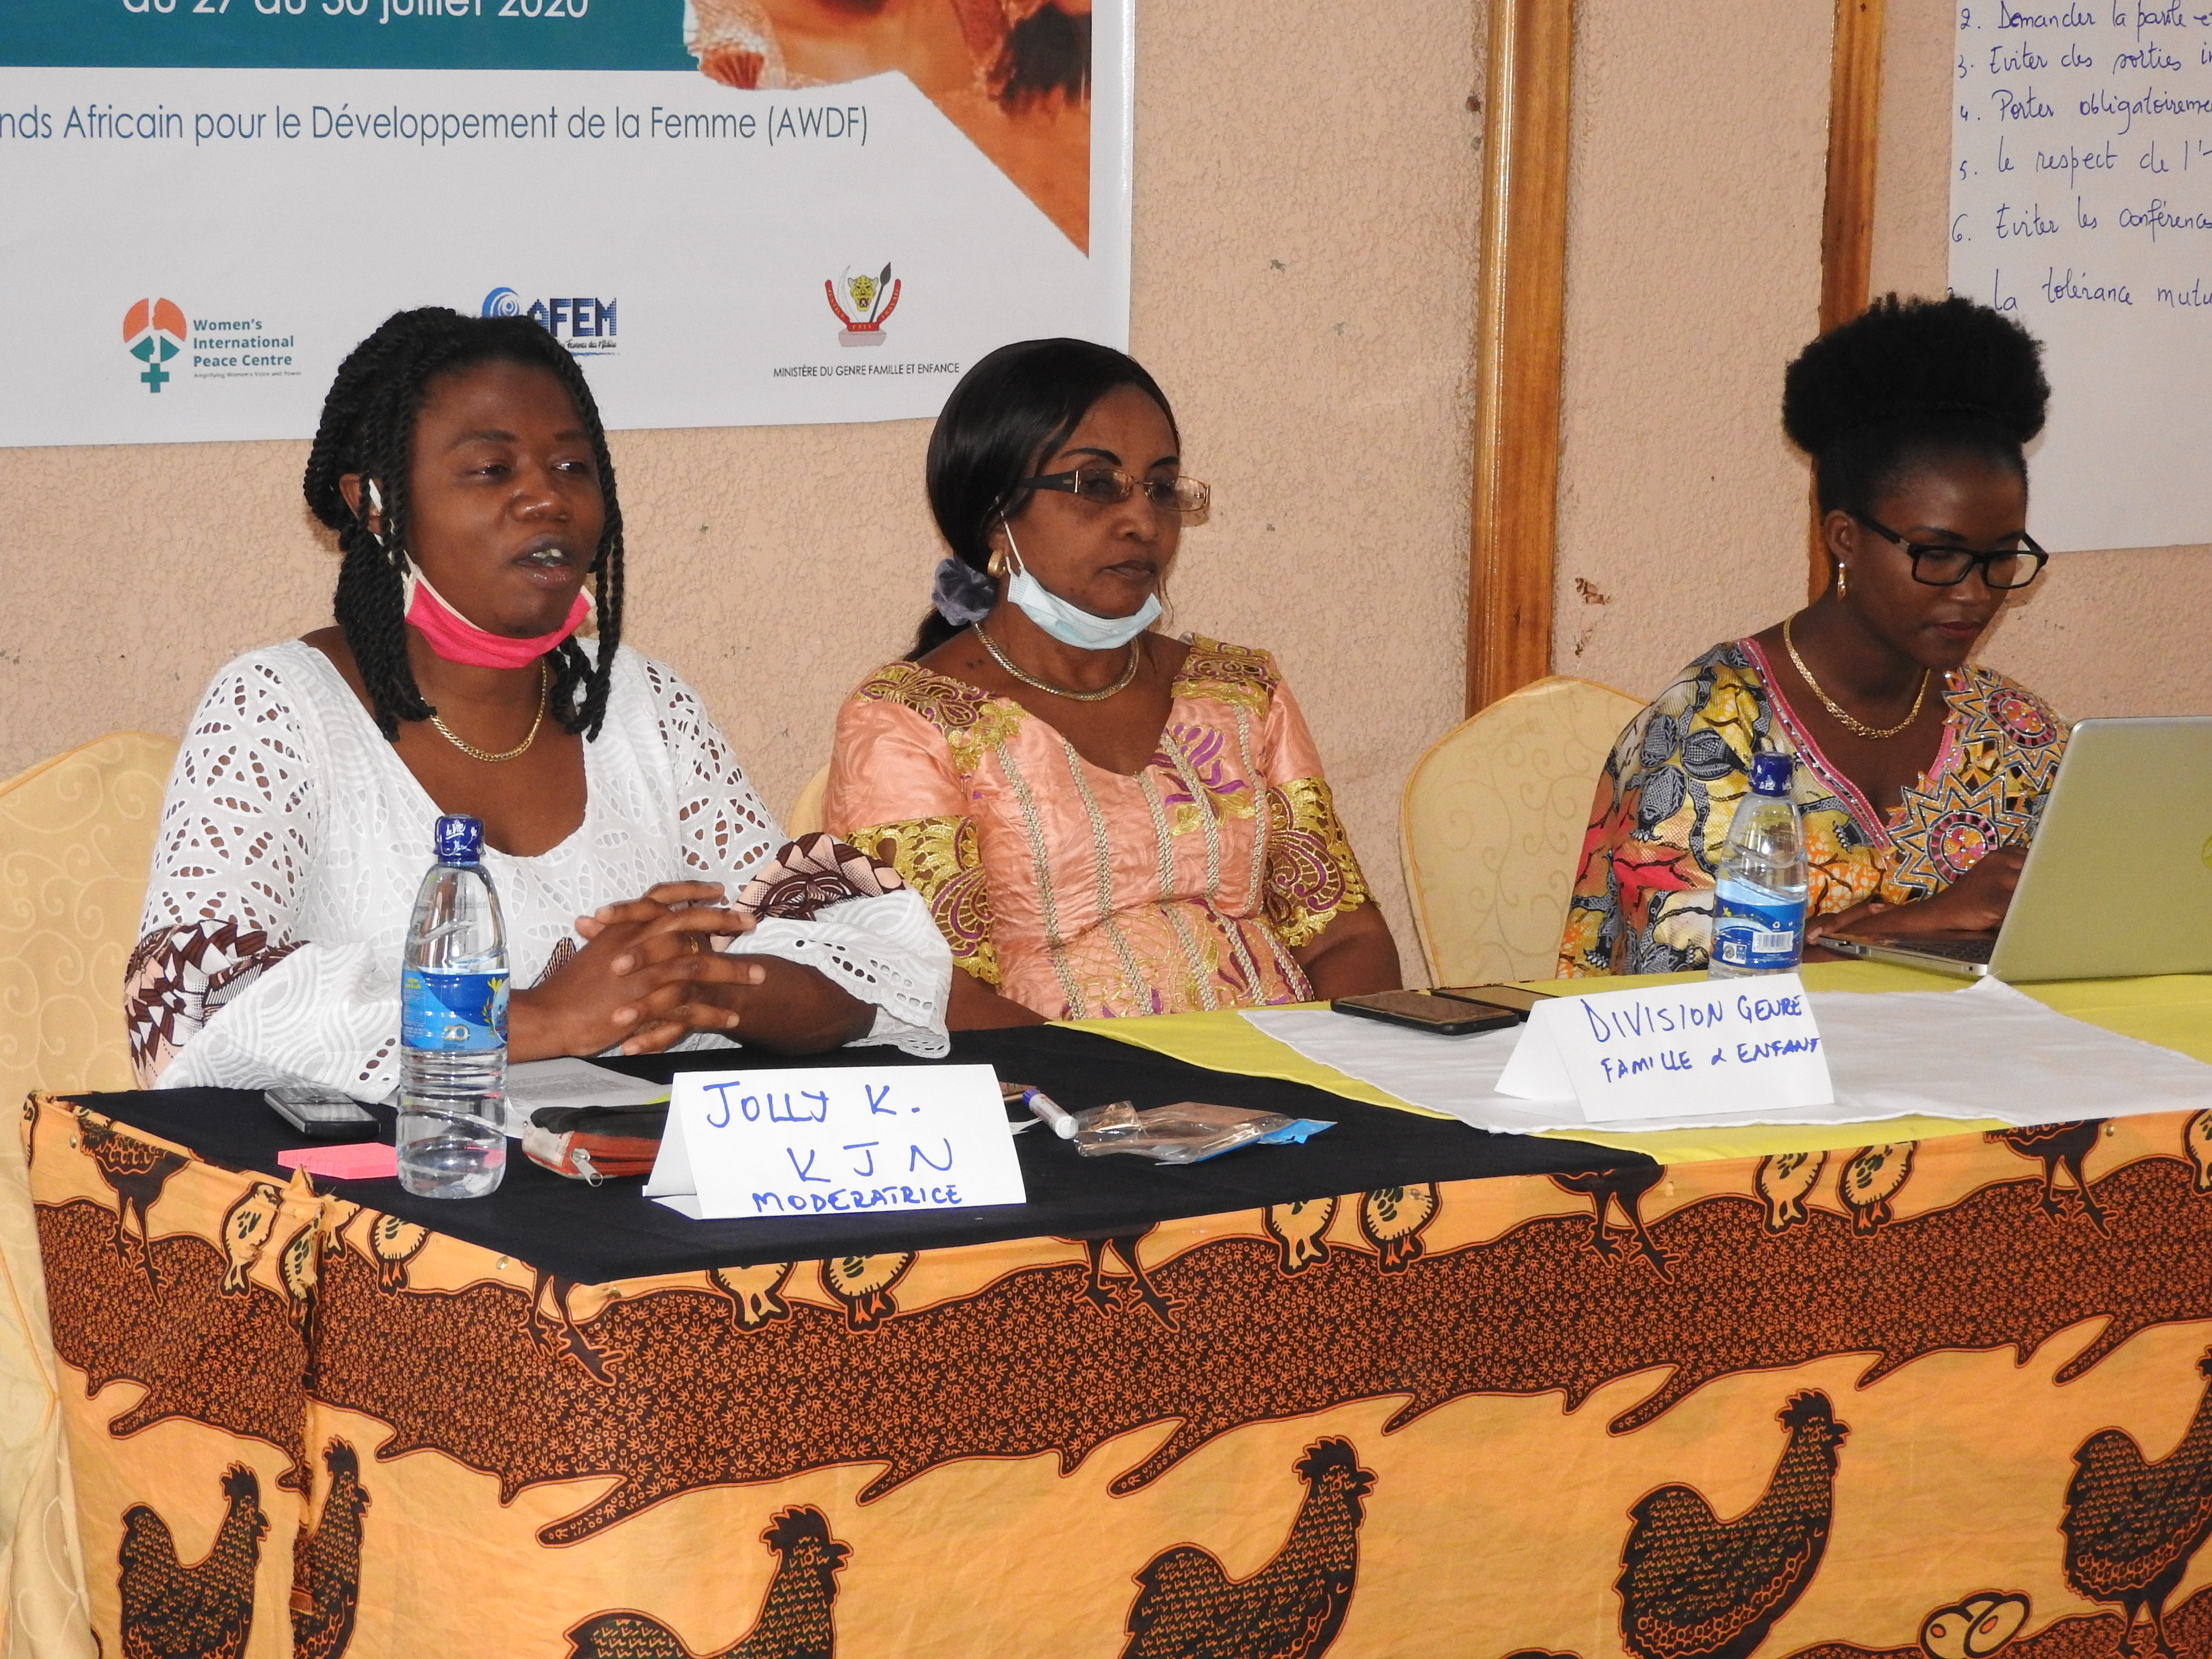 Sud-Kivu: Les femmes leaders réunies dans KJN-AFEM-WIPC haussent le ton sur la parité homme-femme